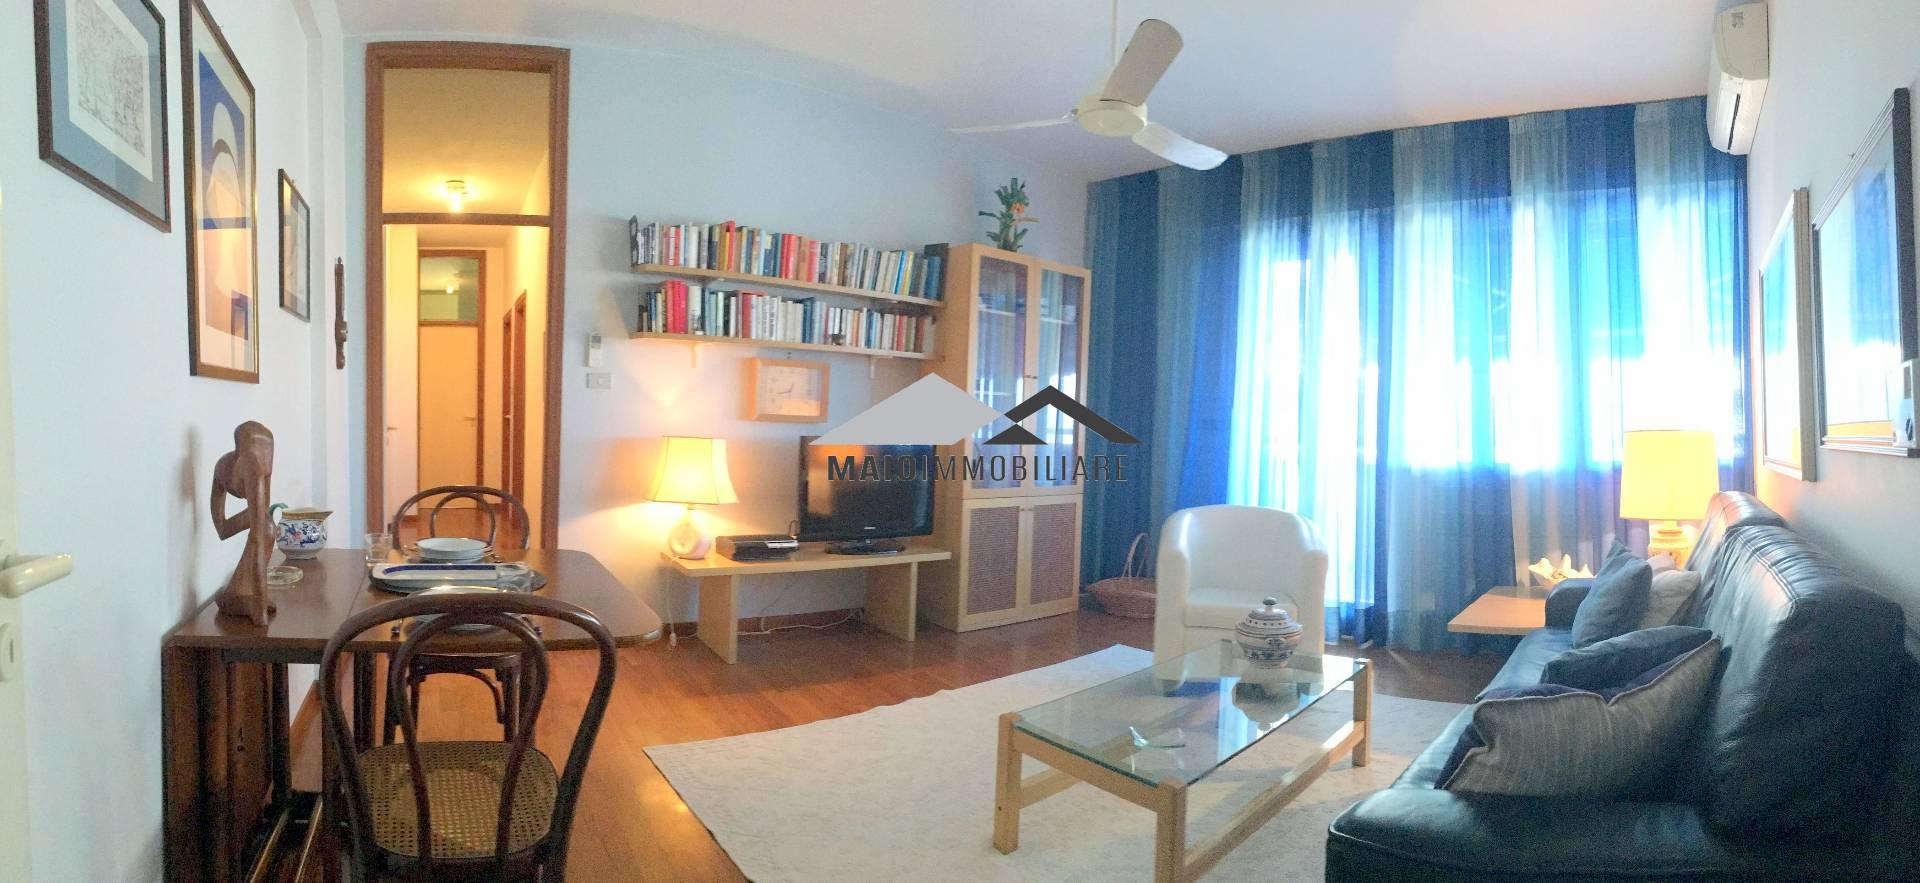 Appartamento in vendita a Riccione, 3 locali, zona Località: ABISSINIA, prezzo € 680.000 | CambioCasa.it